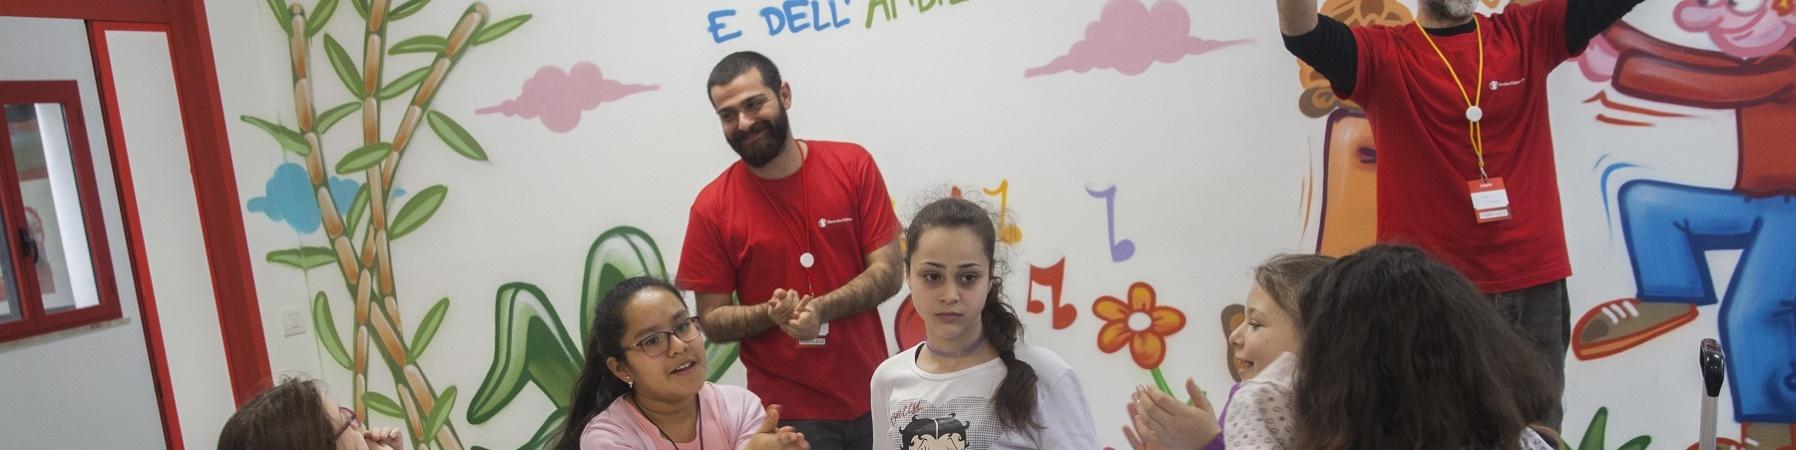 Bambini e operatori Save the Children intorno a un tavolo